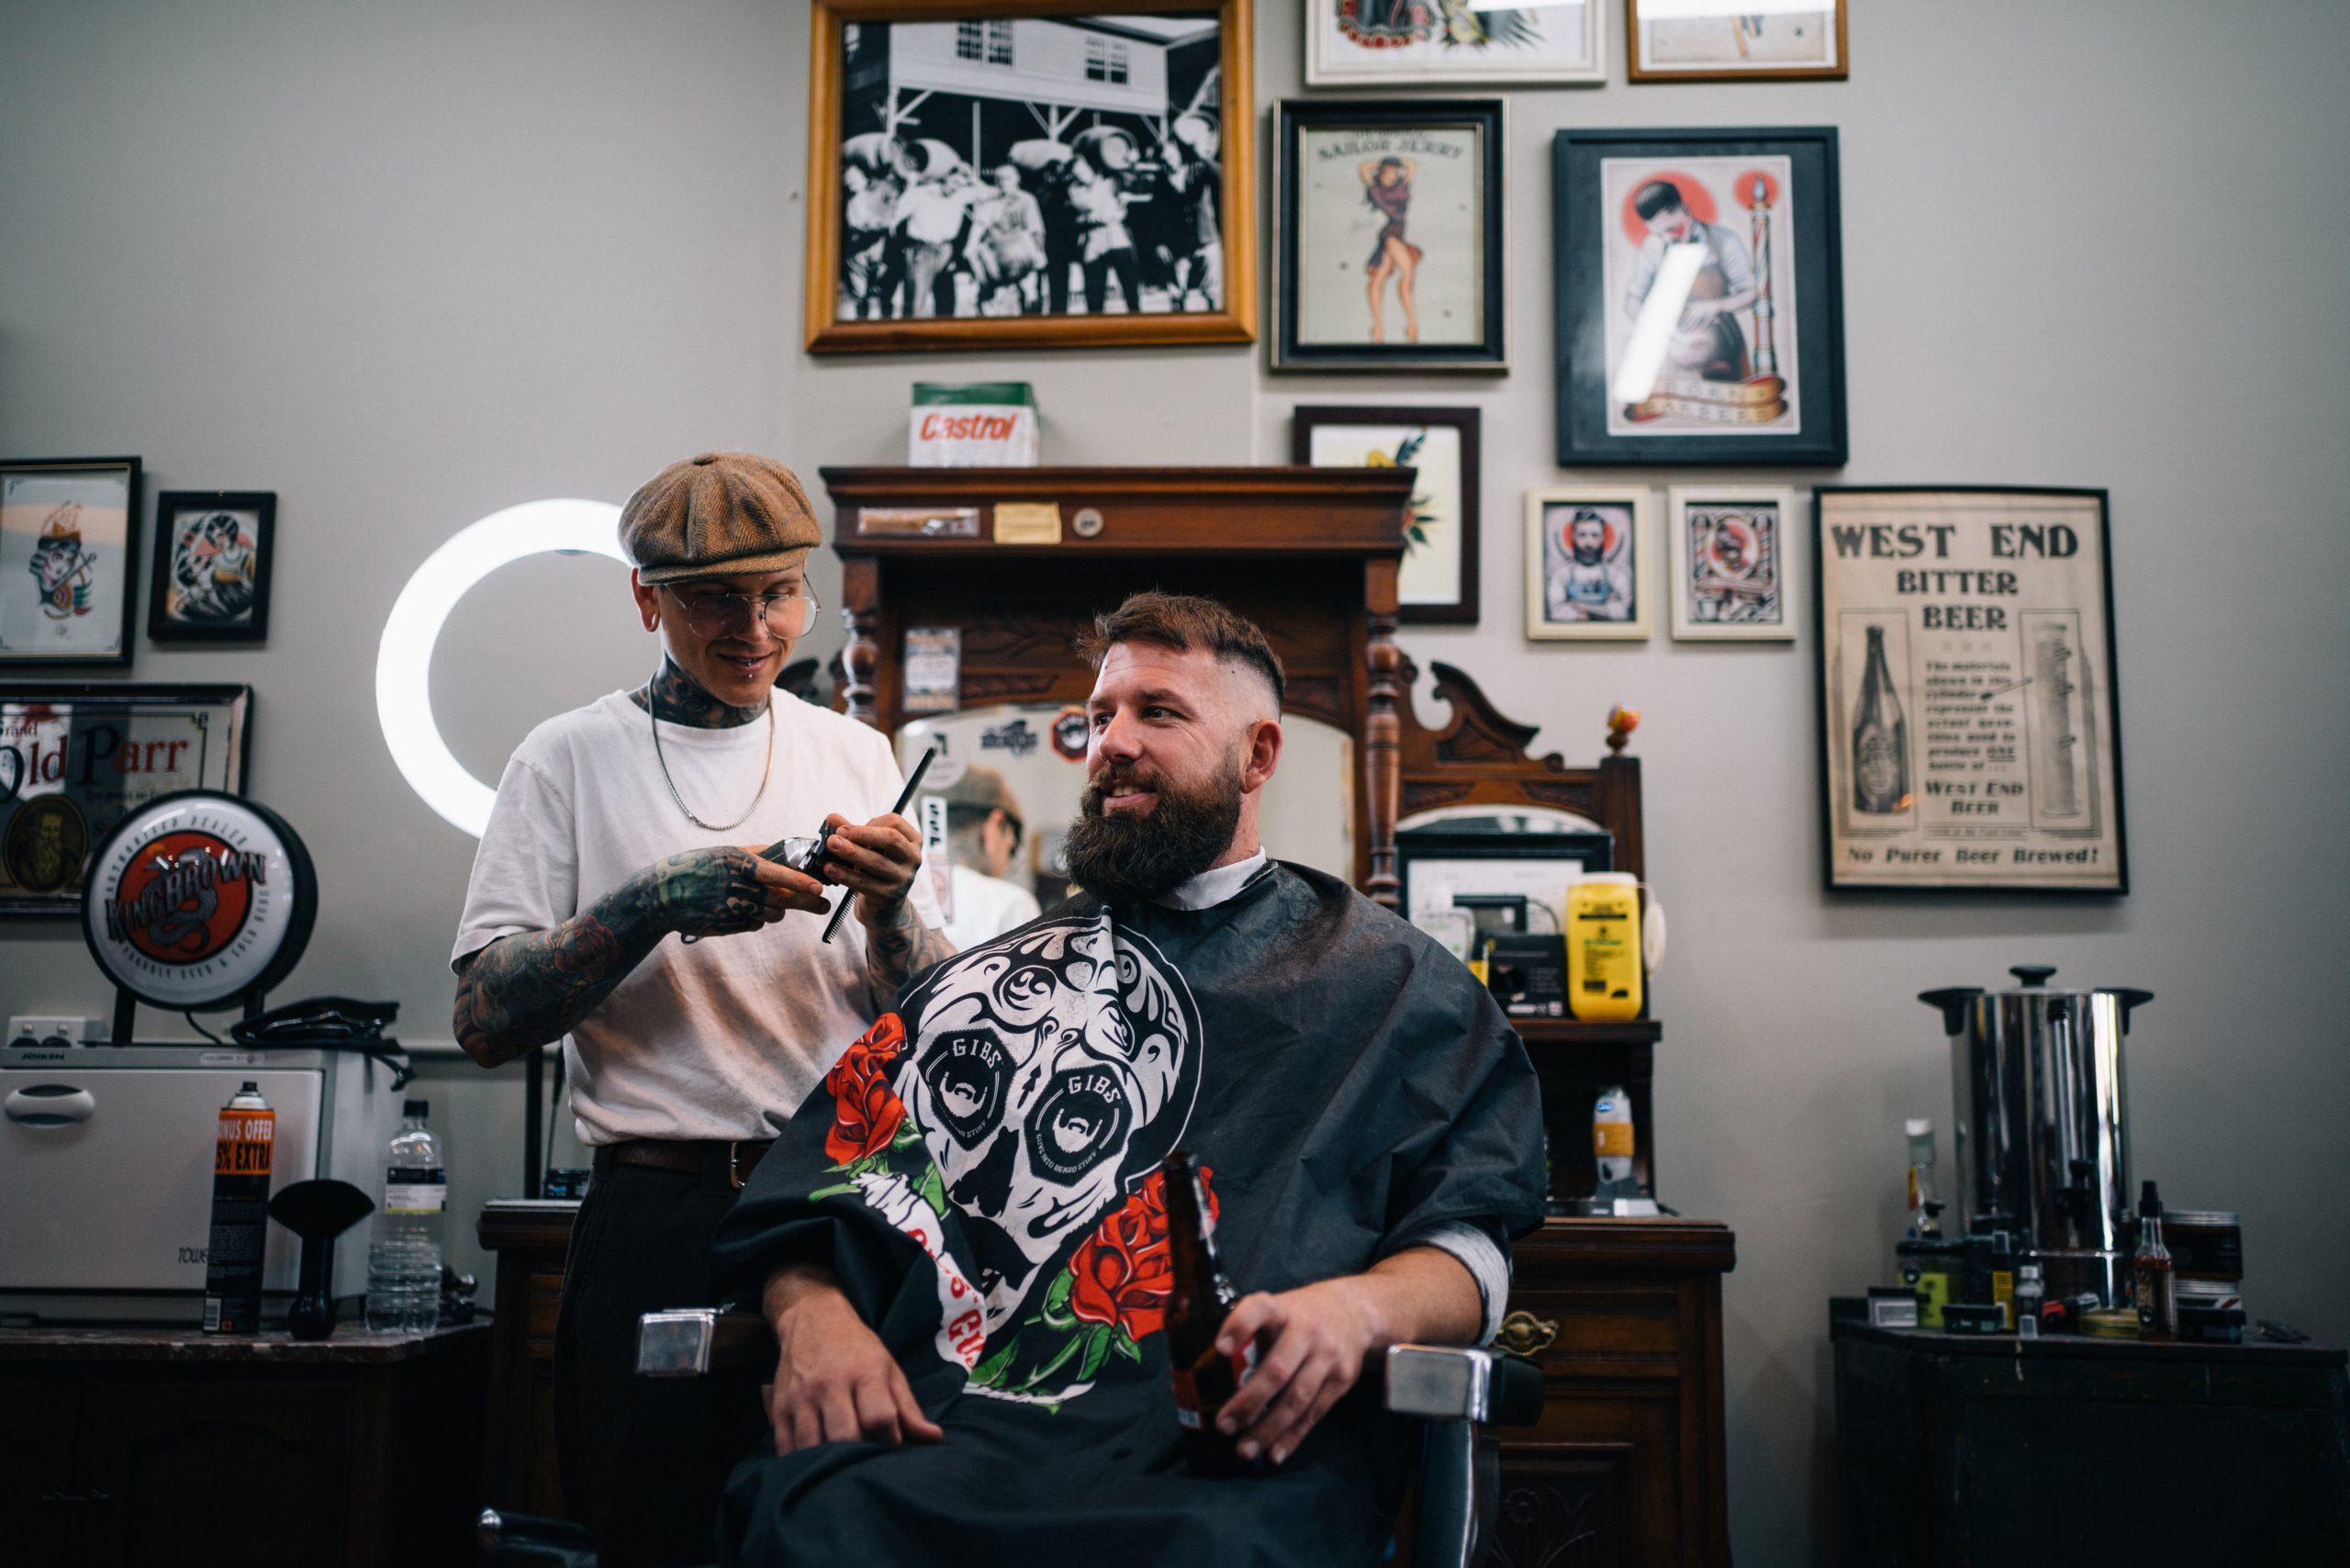 Groom at barber shop